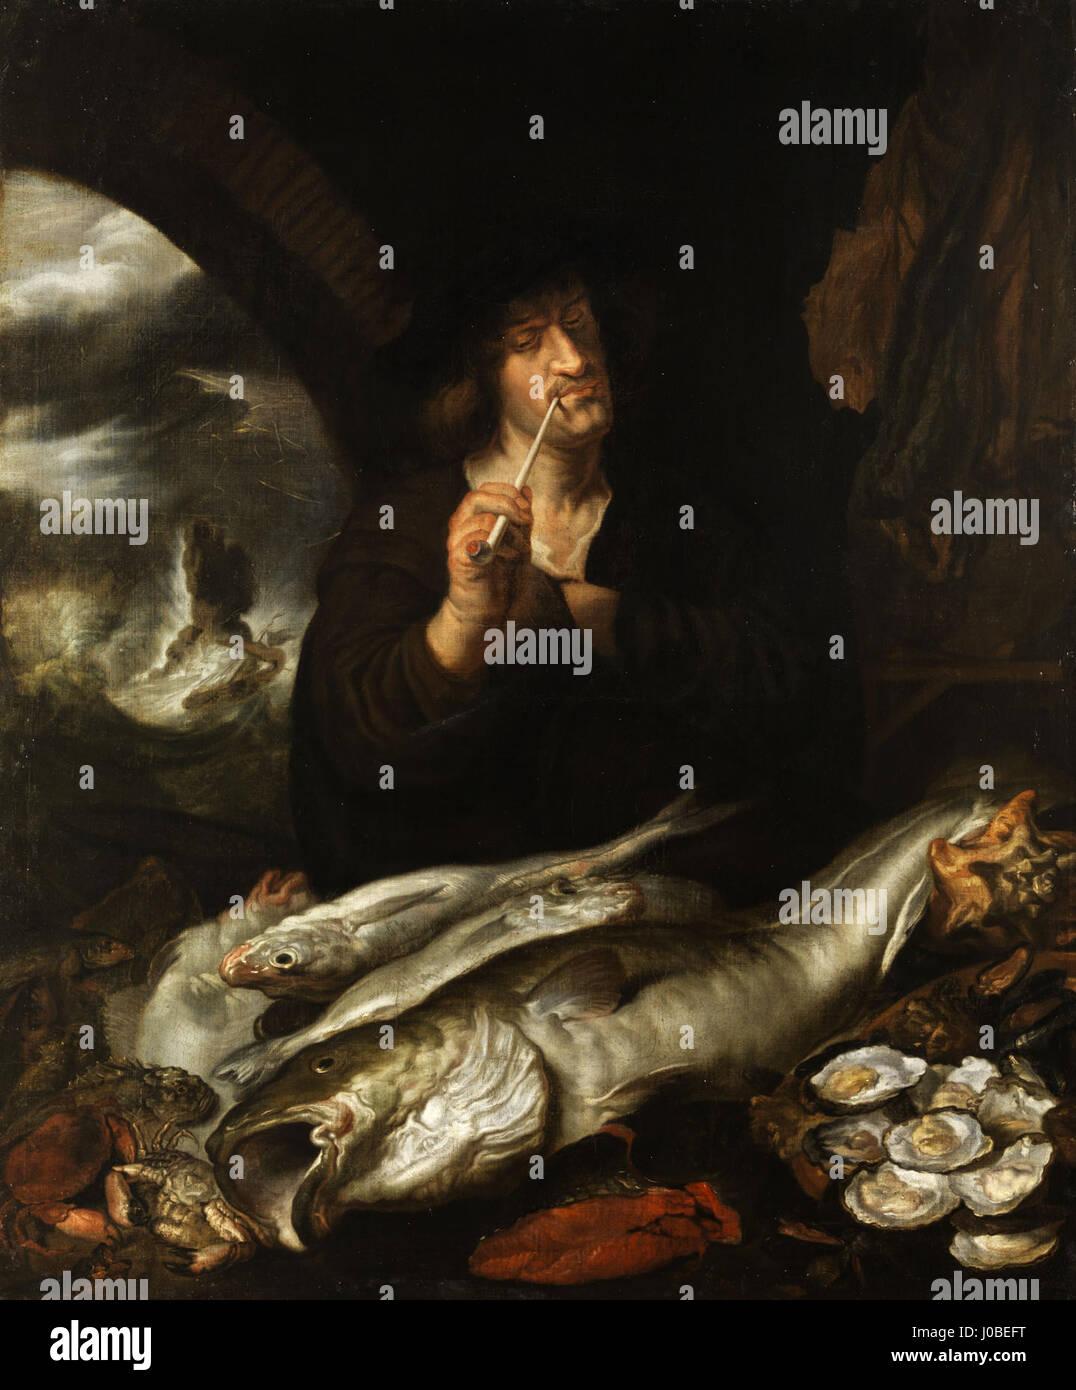 Joachim von Sandrart - Allegorische Darstellung des Monats März - Stock Image